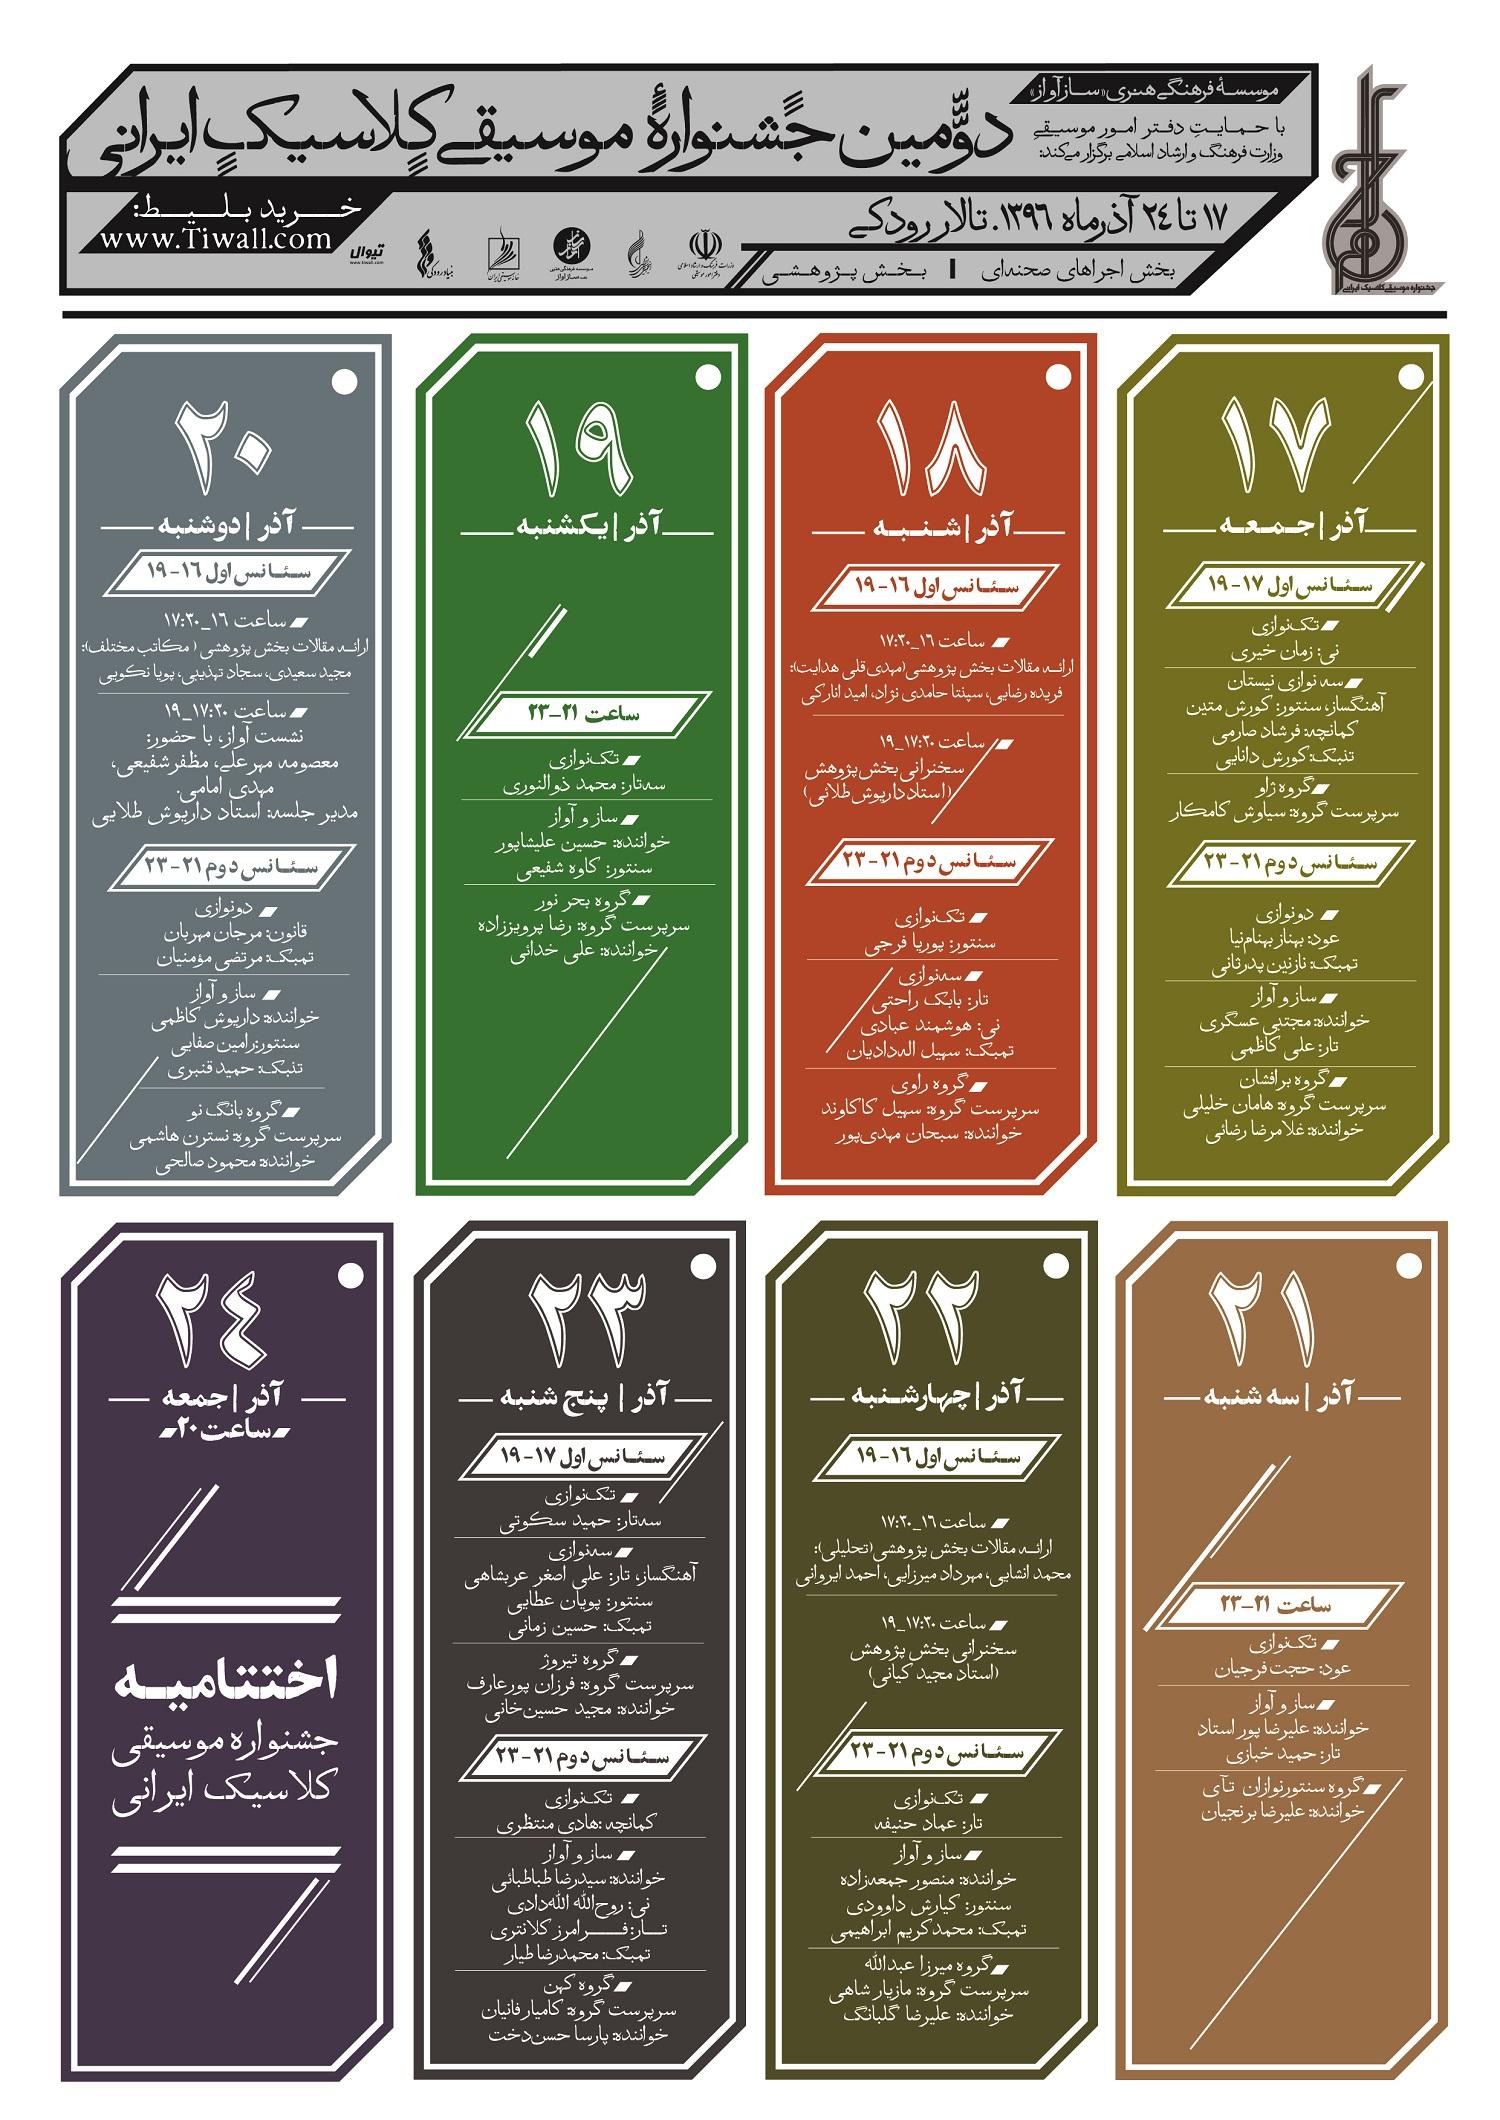 جدول اجراهای دومین جشنواره موسیقی کلاسیک ایرانی منتشر شد